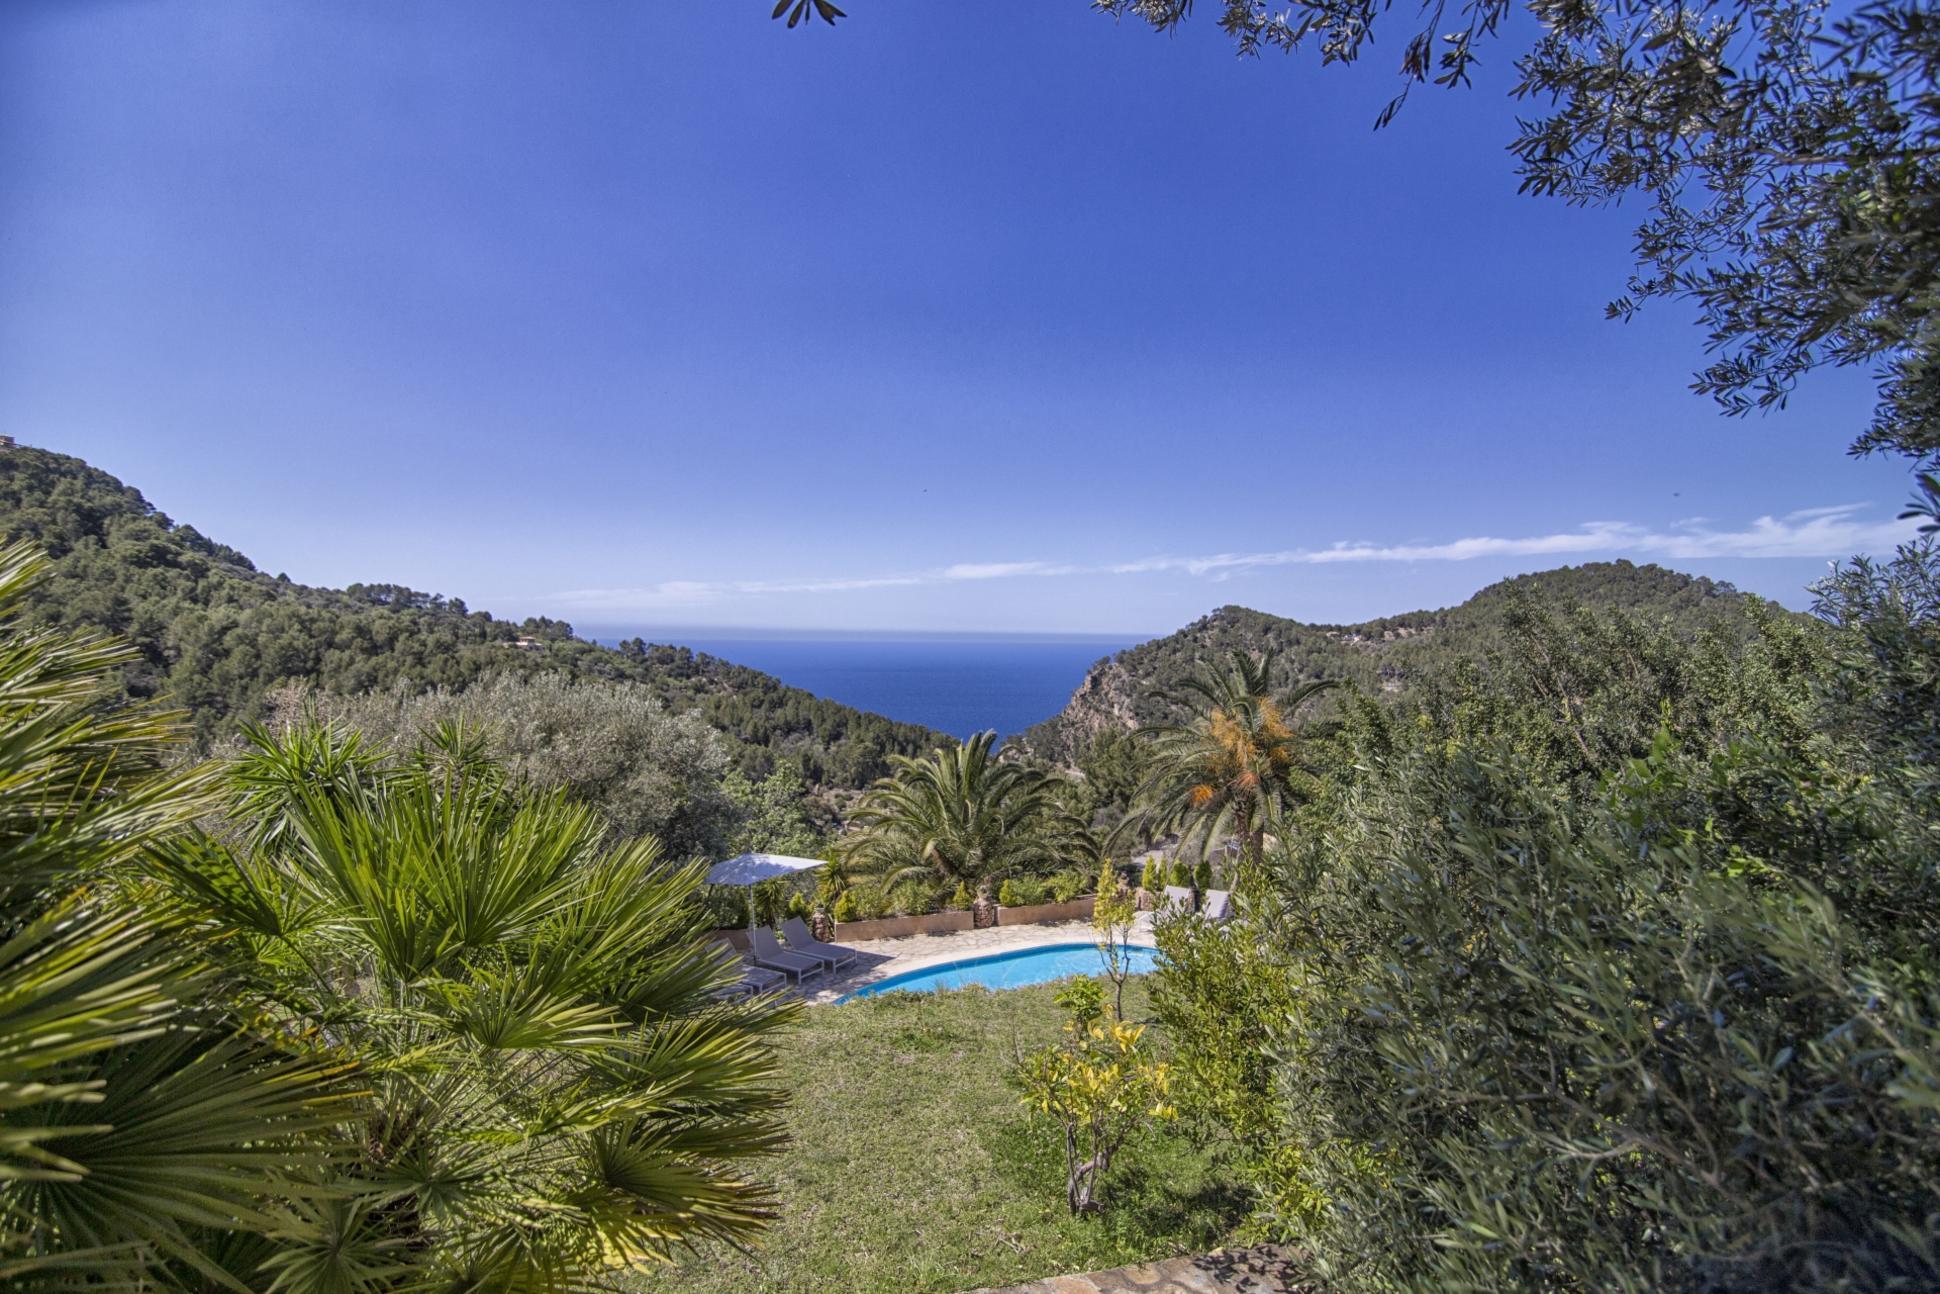 Ausblick mit blauem Himmel und Palmen auf Mallorca